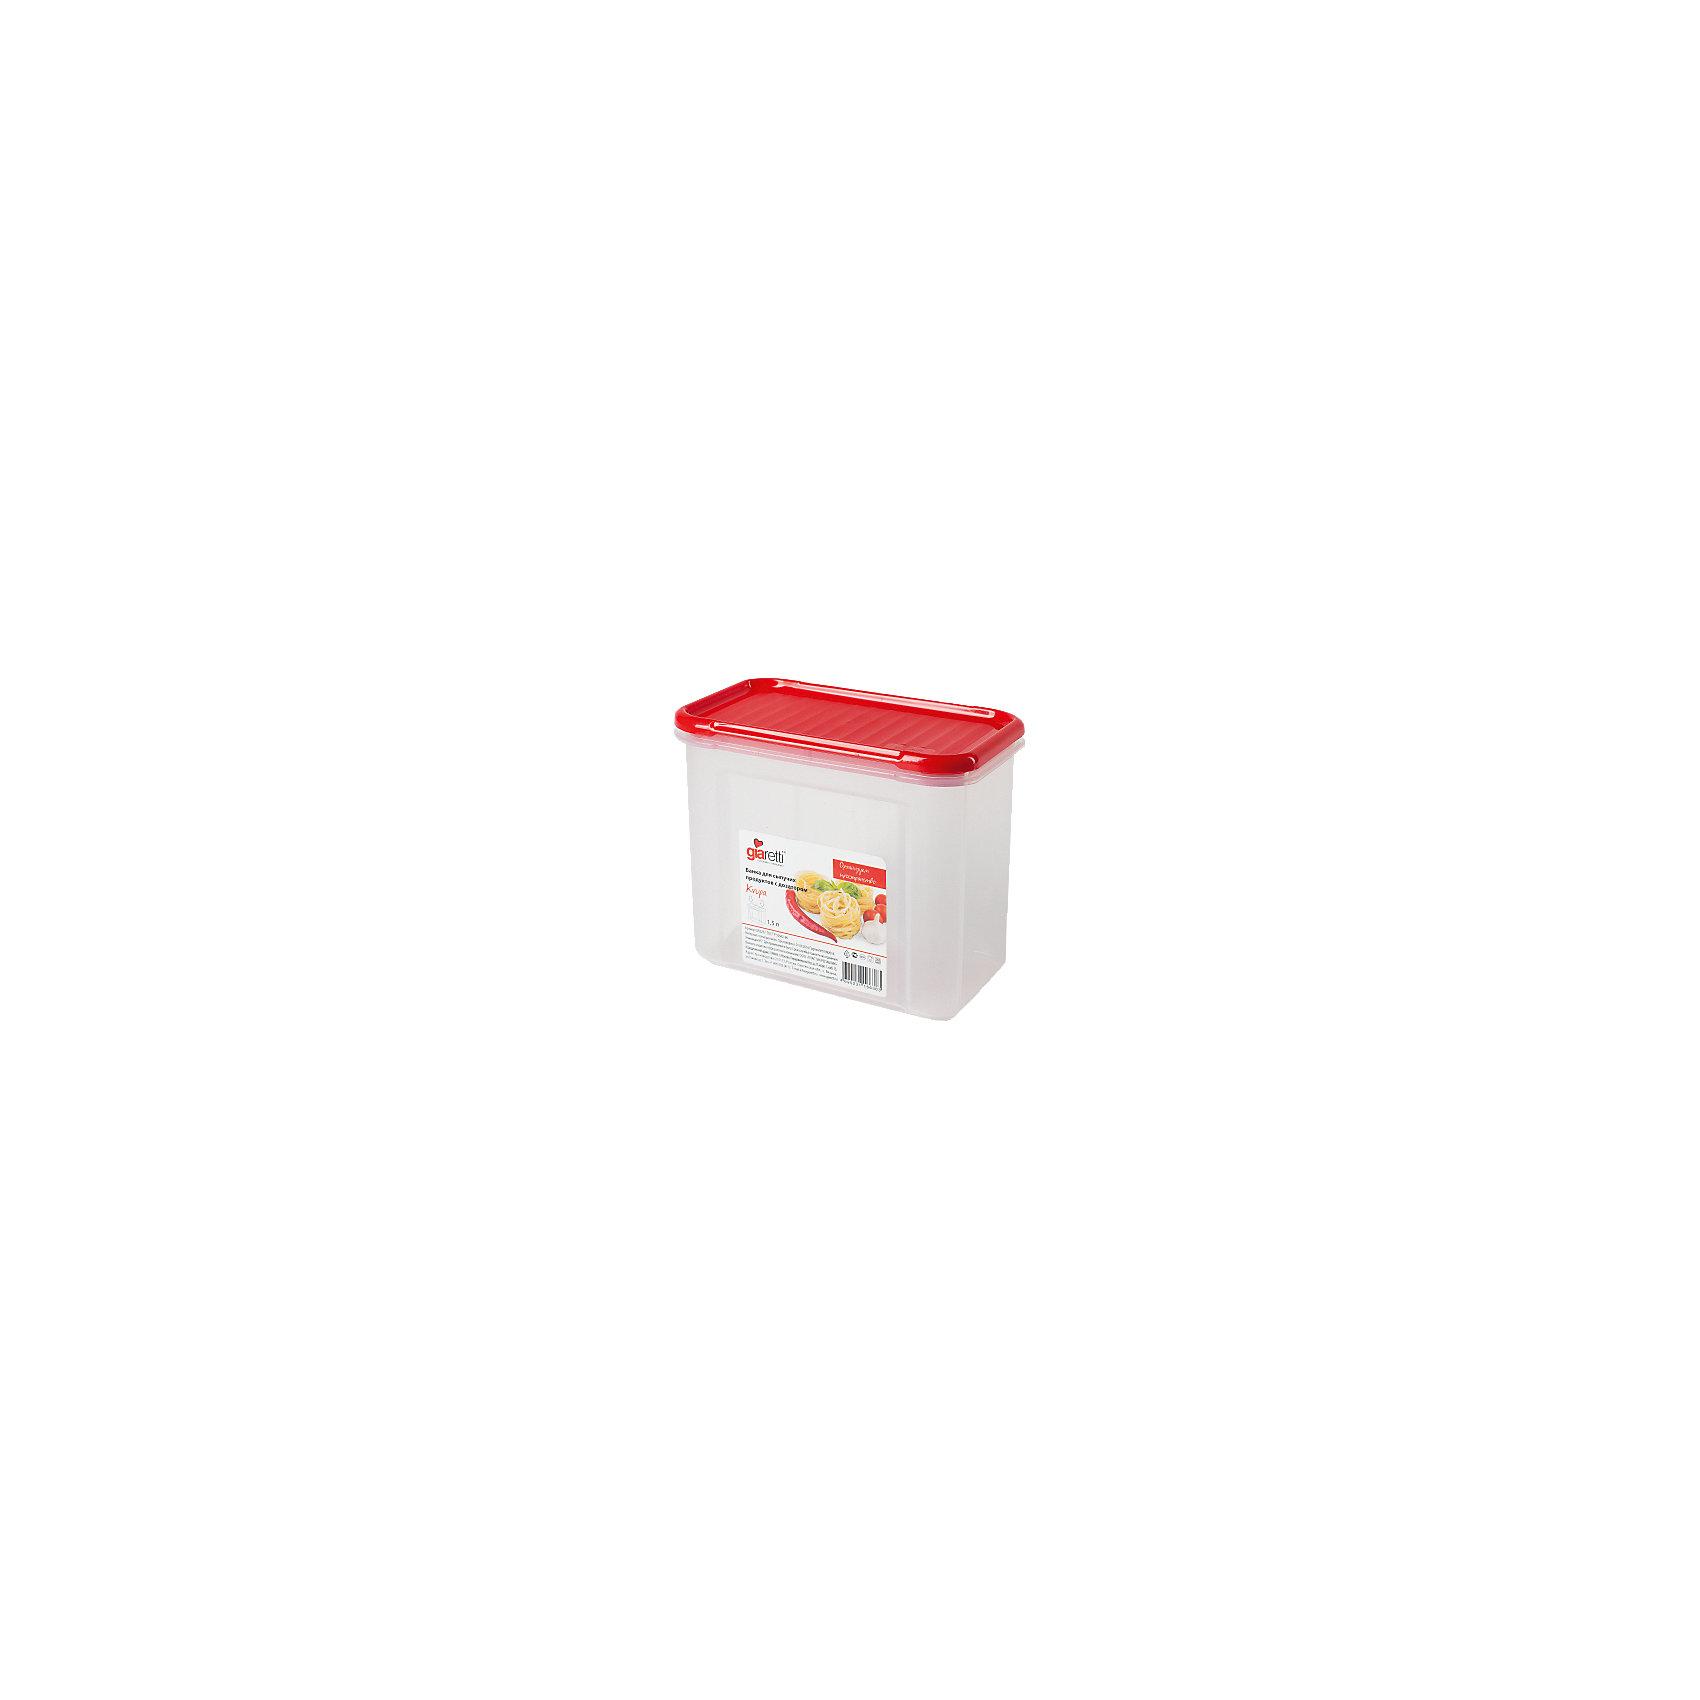 Банка для сыпучих продуктов Krupa 1 л, GiarettiПосуда<br>Банка для сыпучих продуктов Krupa 1 л, Giaretti<br><br>Характеристики:<br><br>• Материал: пластик<br>• В комплекте: 1 штука<br>• Объем: 1 литр<br>• Используется: для сыпучих продуктов<br><br>Банки данной серии снабжены плотной крышкой, благодаря чему в них удобно хранить даже специи, ведь они не пропускают запаха. Так же банка может использоваться для хранения сыпучих продуктов - круп, сахара, макарон и тд. Благодаря тому, что изделие изготовлено из высококачественного пищевого пластика, оно не влияет на вкус и запах хранящихся продуктов, а удобная форма позволят хранить не использующиеся банки, ставя их друг в друга для экономии пространства.<br><br>Банка для сыпучих продуктов Krupa 1 л, Giaretti можно купить в нашем интернет-магазине.<br><br>Ширина мм: 163<br>Глубина мм: 87<br>Высота мм: 131<br>Вес г: 147<br>Возраст от месяцев: 216<br>Возраст до месяцев: 1188<br>Пол: Унисекс<br>Возраст: Детский<br>SKU: 5545630